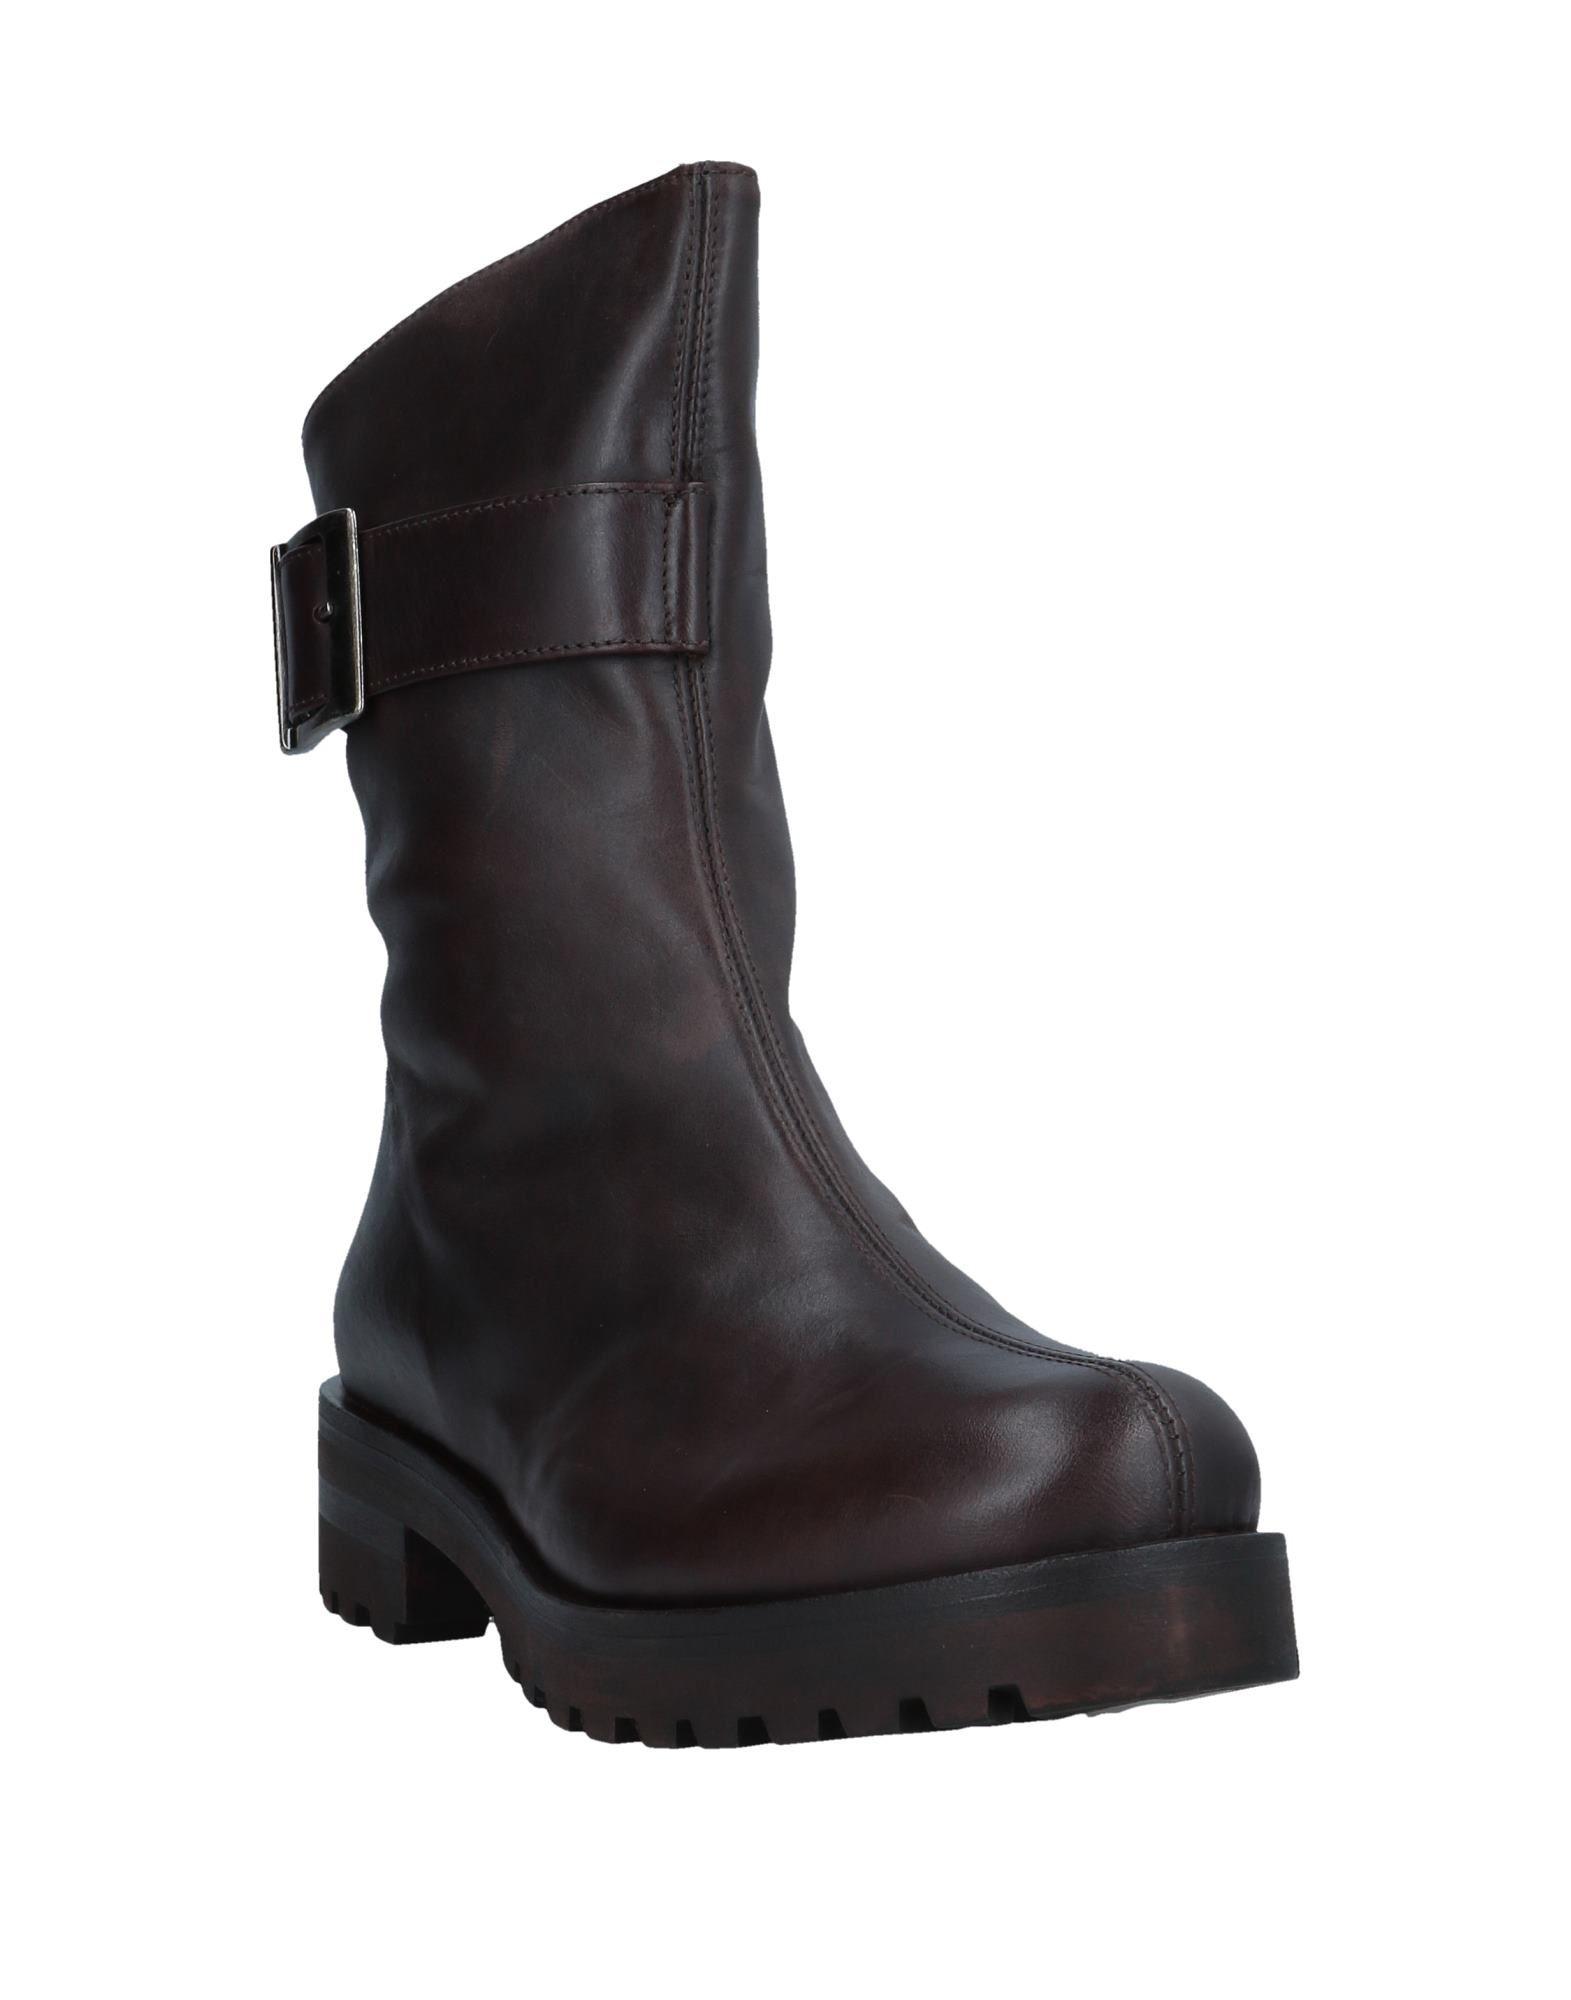 Gut um Stiefelette billige Schuhe zu tragenAngel Stiefelette um Damen  11546505EO a1845a